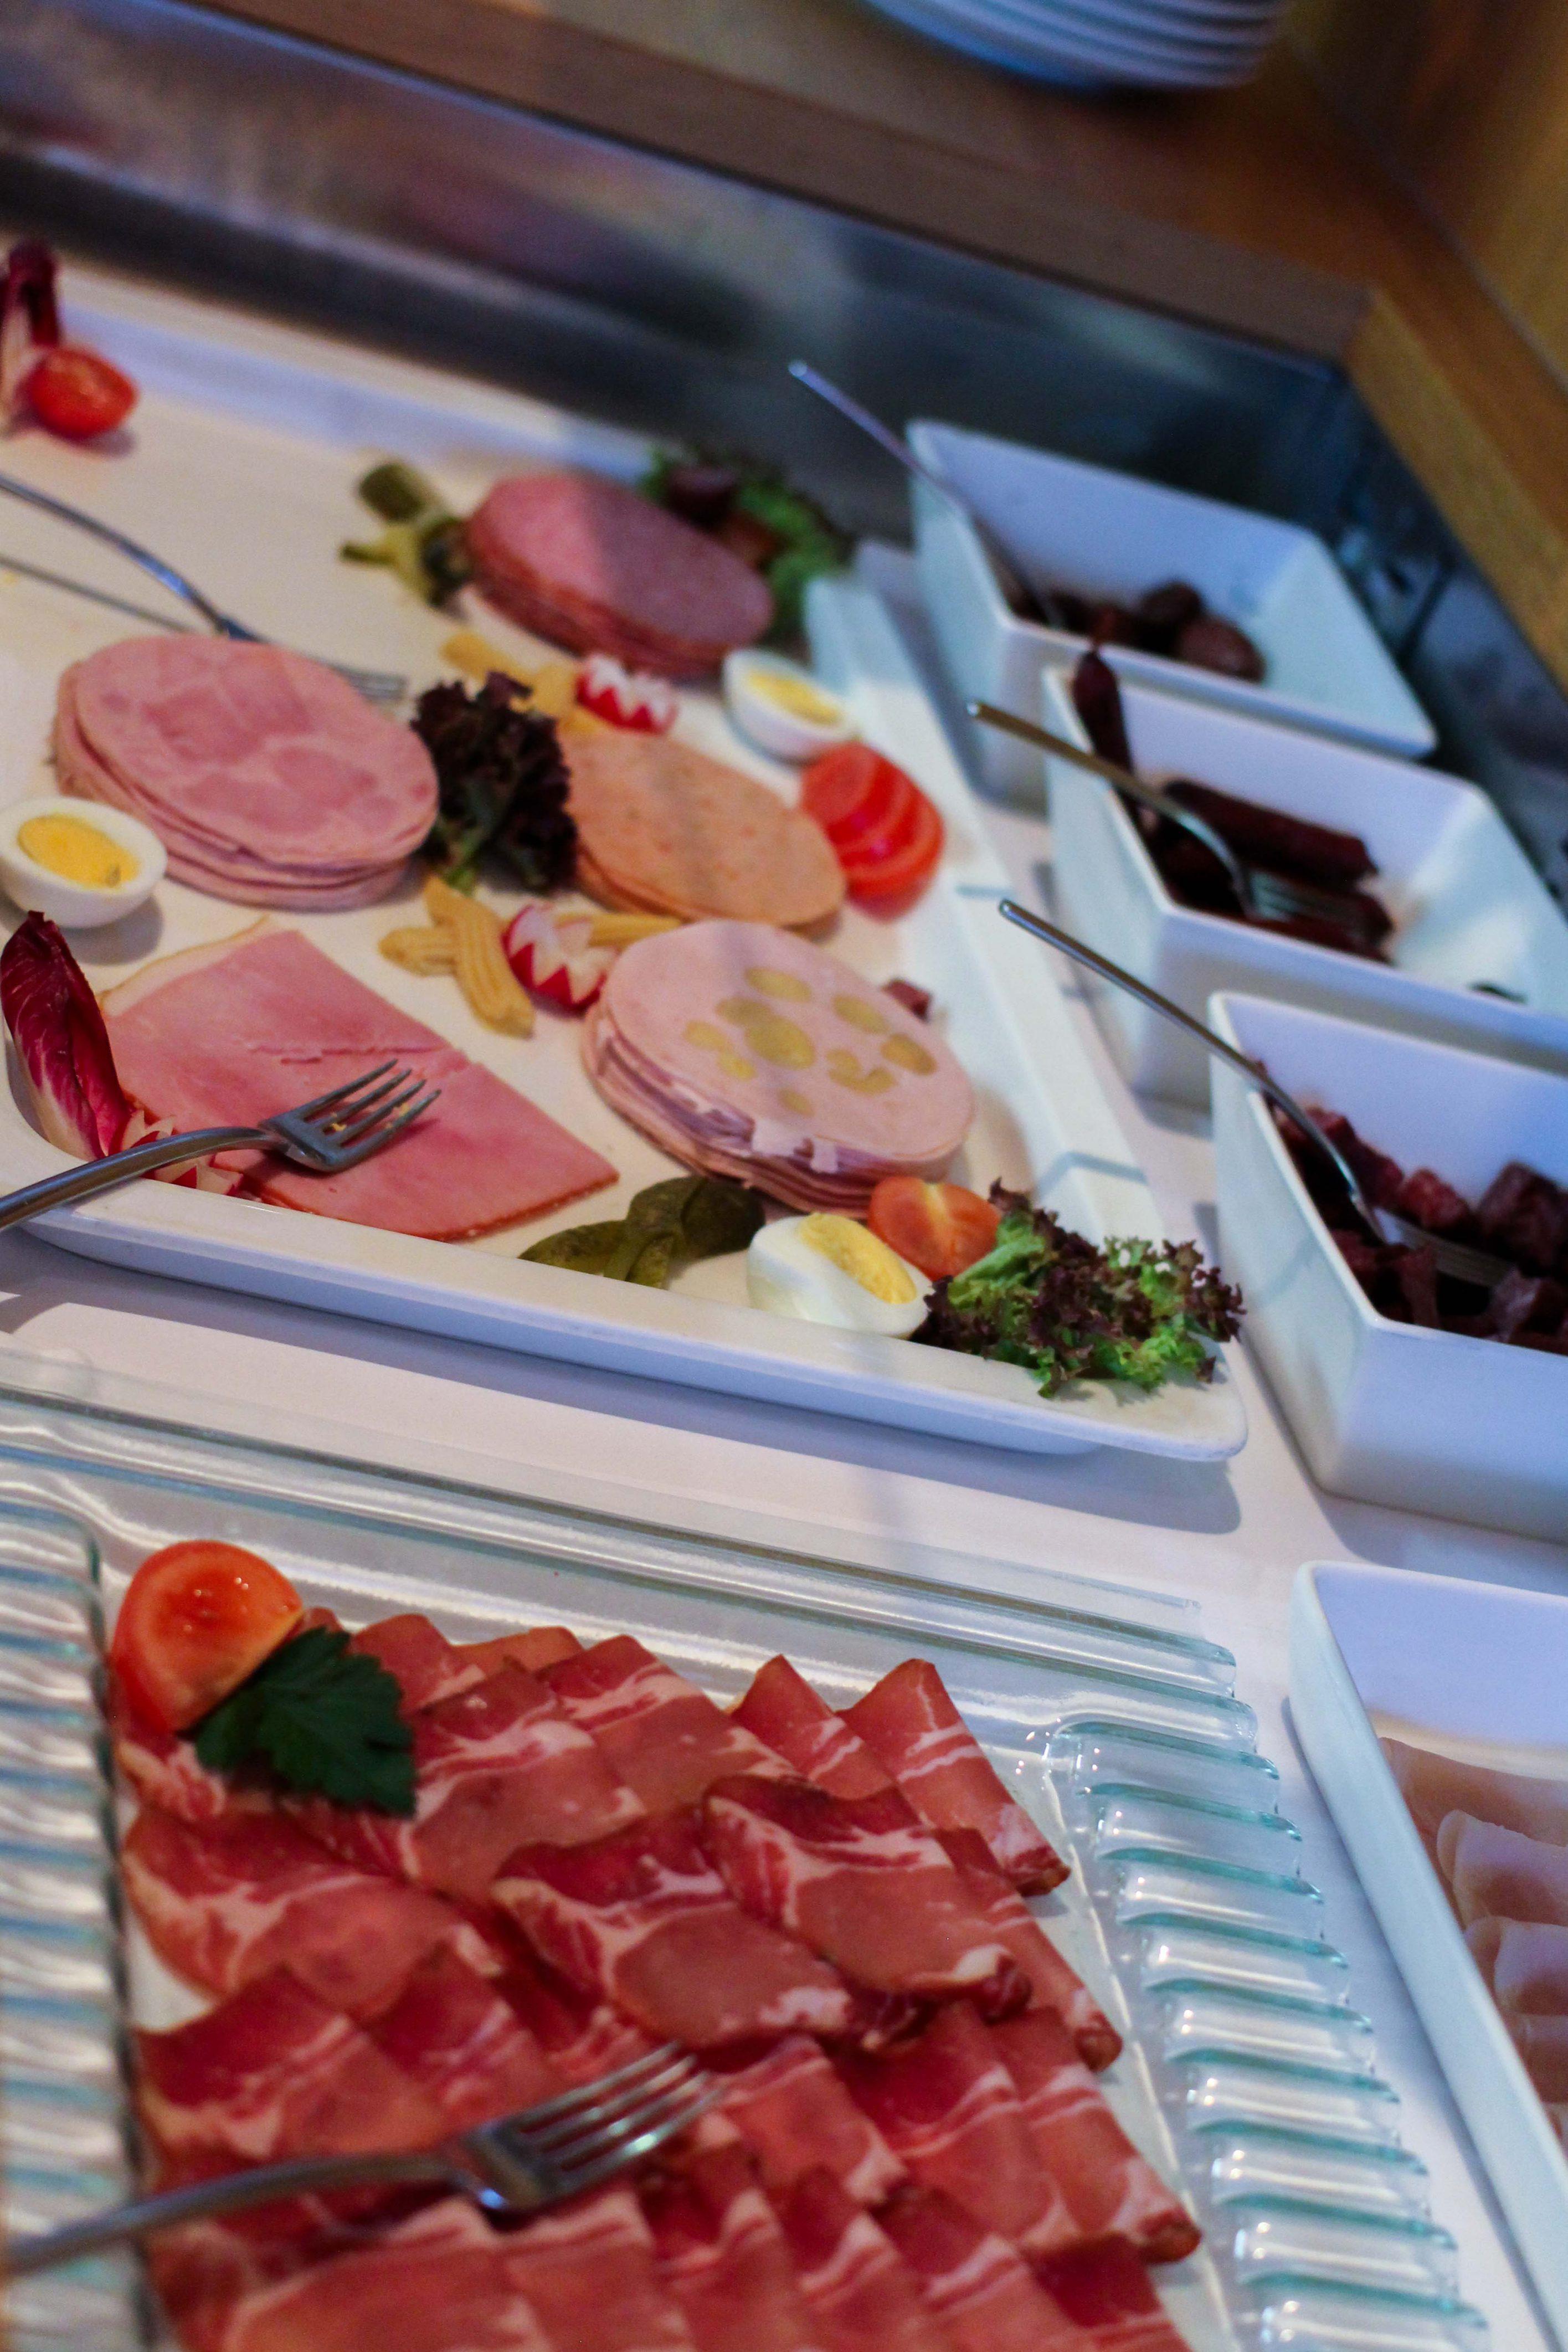 Wellnesswochenende Österreich Sonne Lifestyle Resort Mellau Wellnesshotel Bregenzerwald Gourmetpension Frühstück Wurstplatte Reiseblog